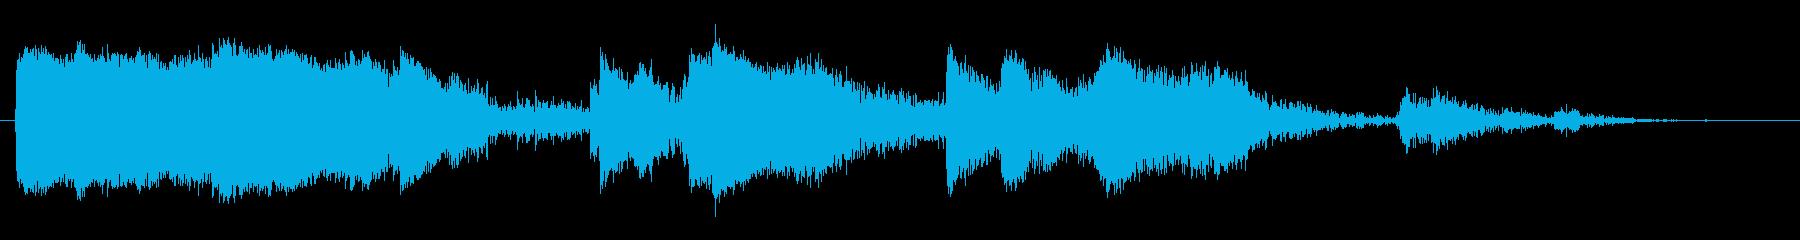 メタルバケットクラッシュ3の再生済みの波形